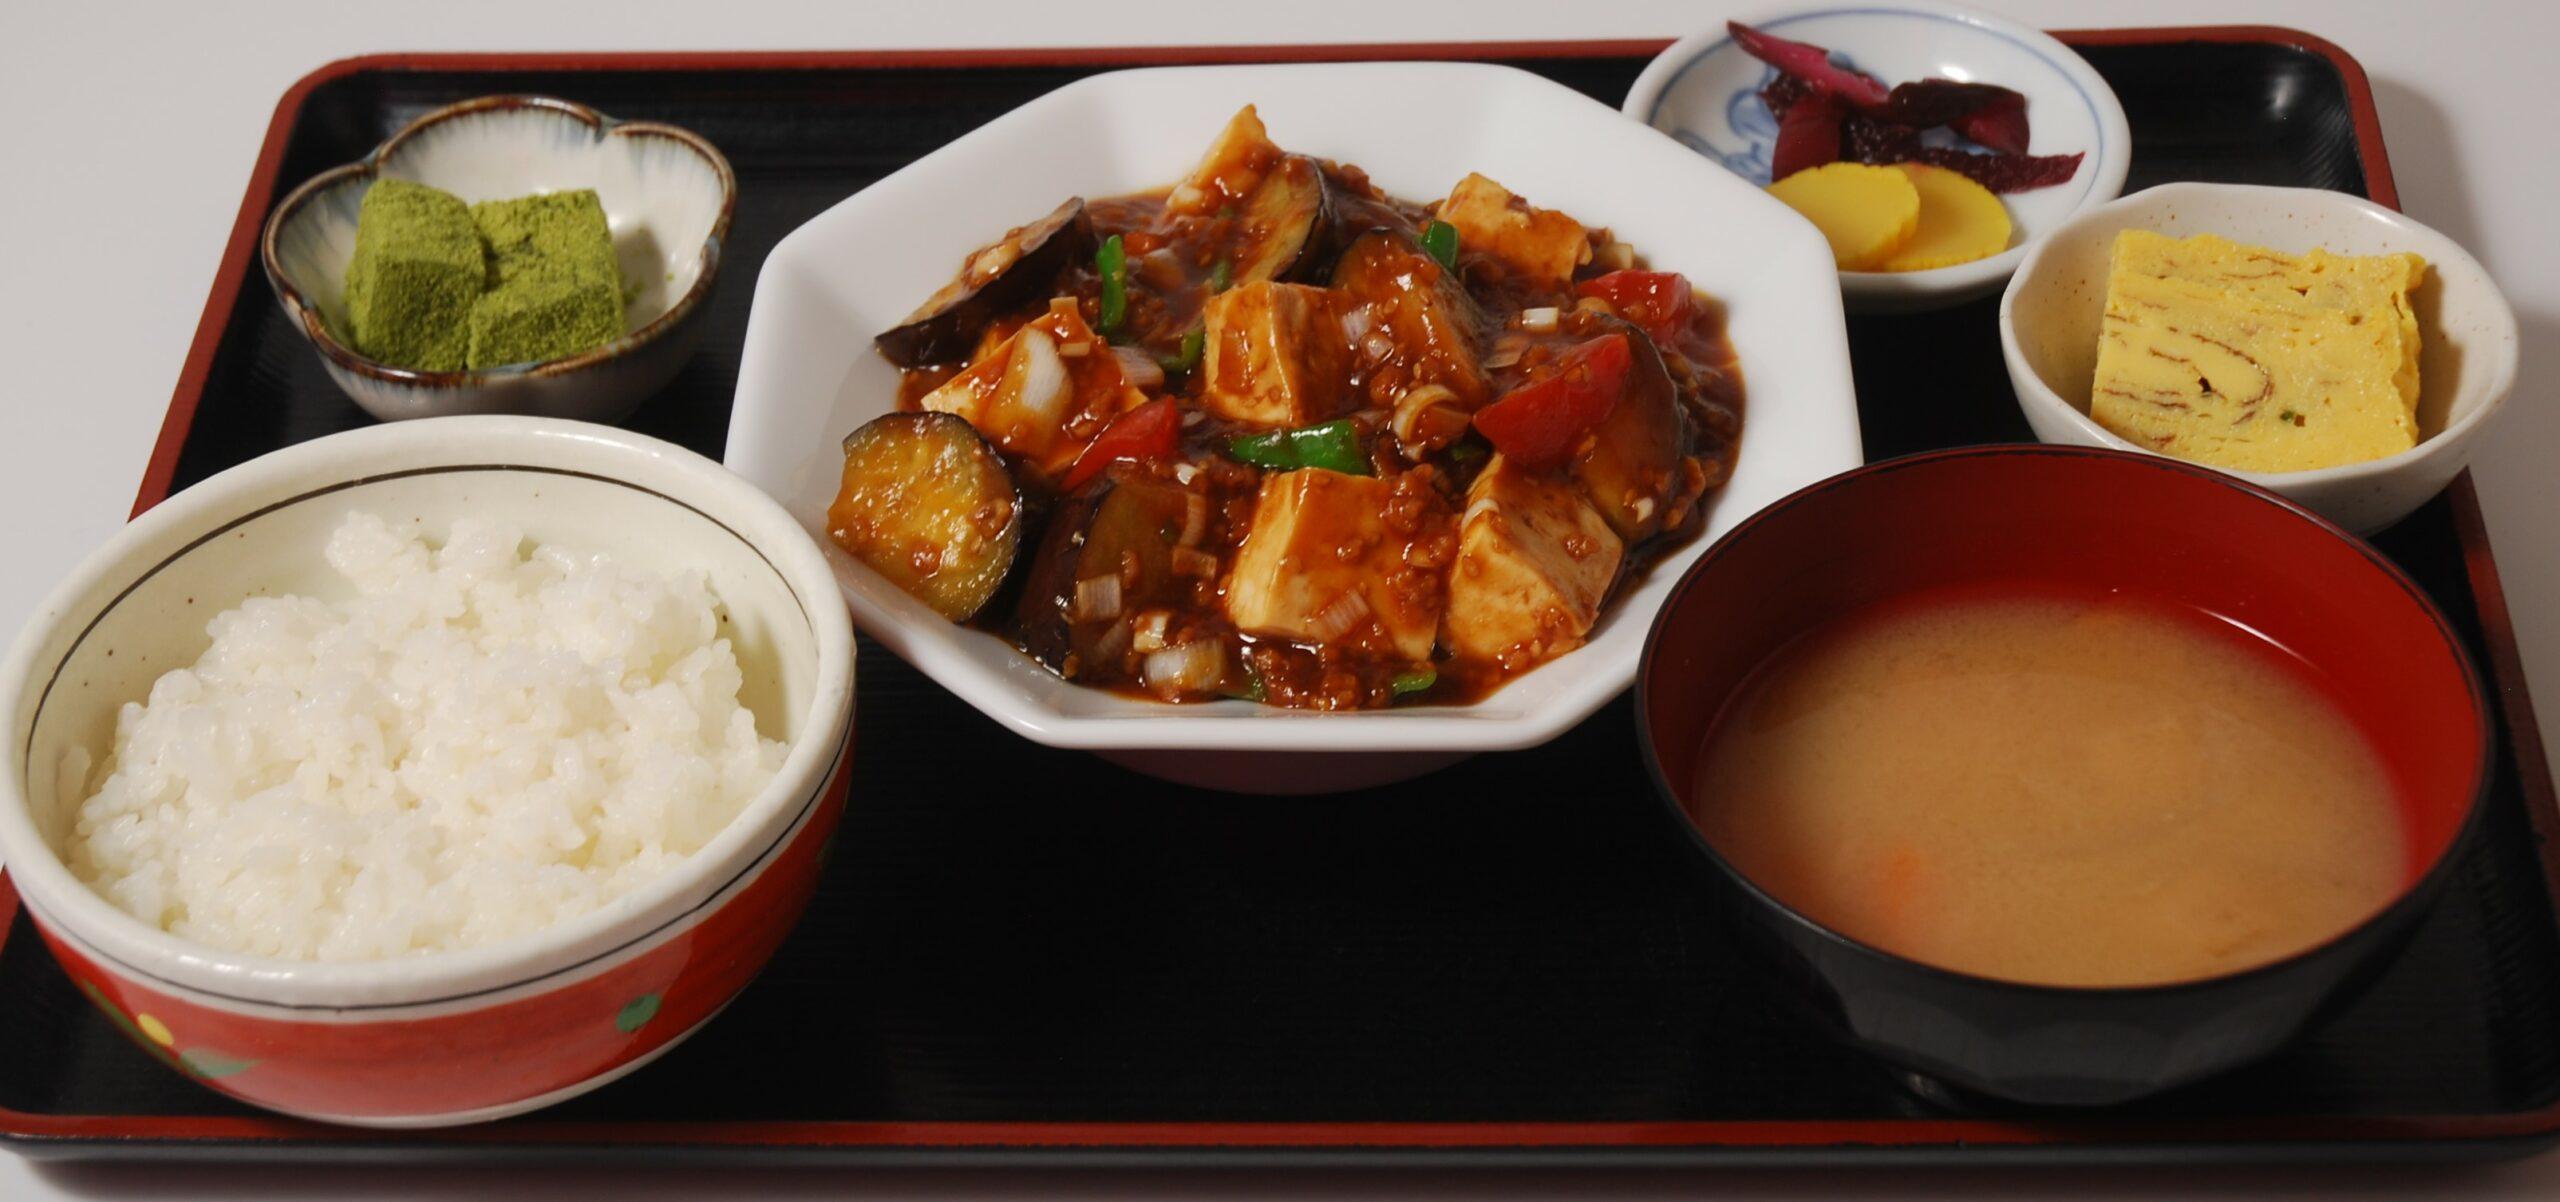 1000円定食<br>※入荷する食材で変わります。の写真